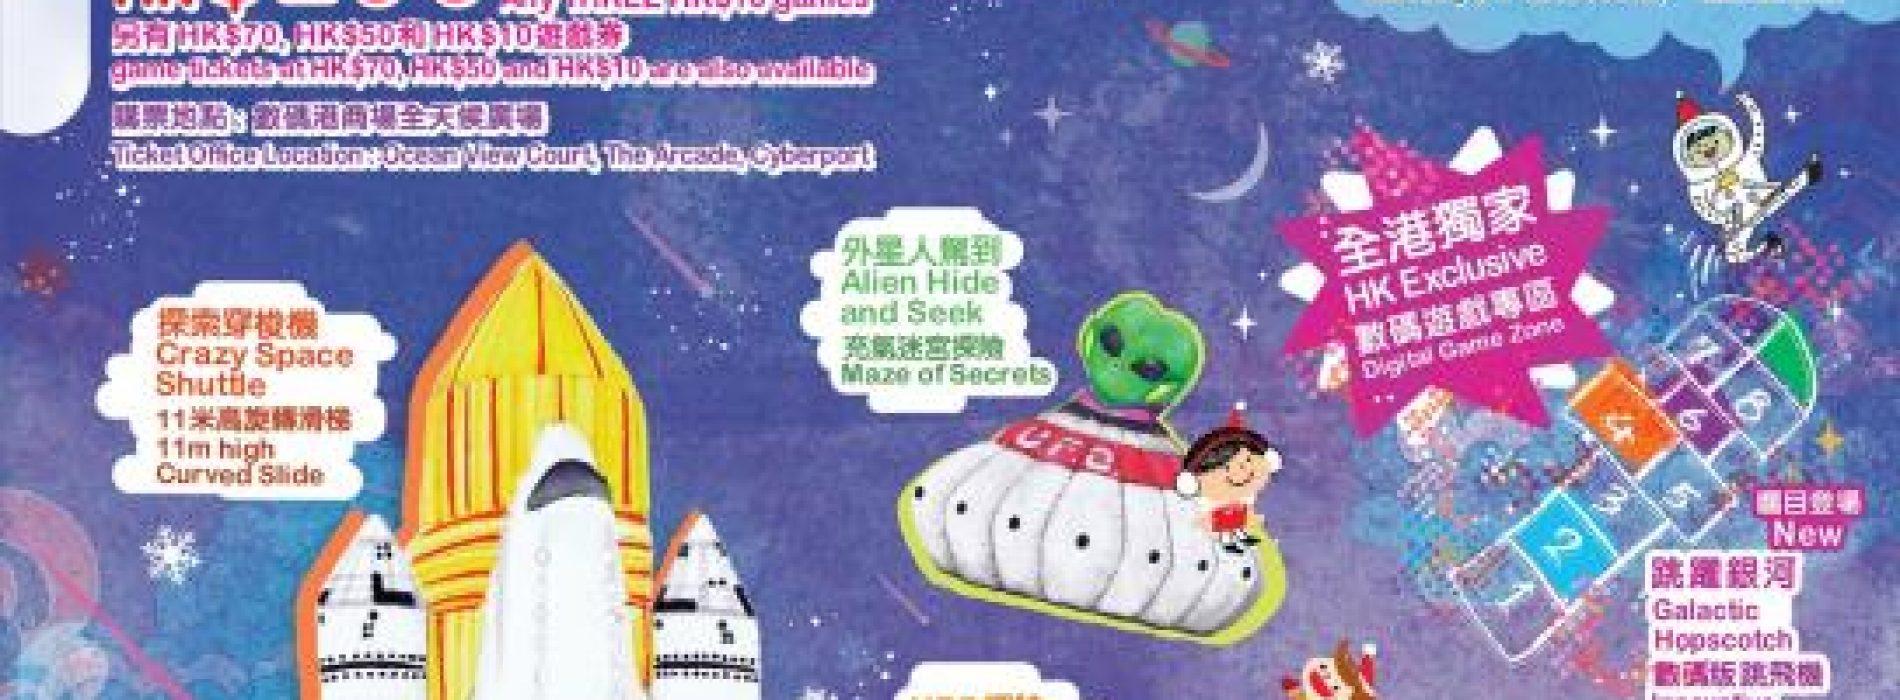 11米高穿梭機‧We嘩!反轉聖誕太空城@Cyberport【24/12 – 2/1】